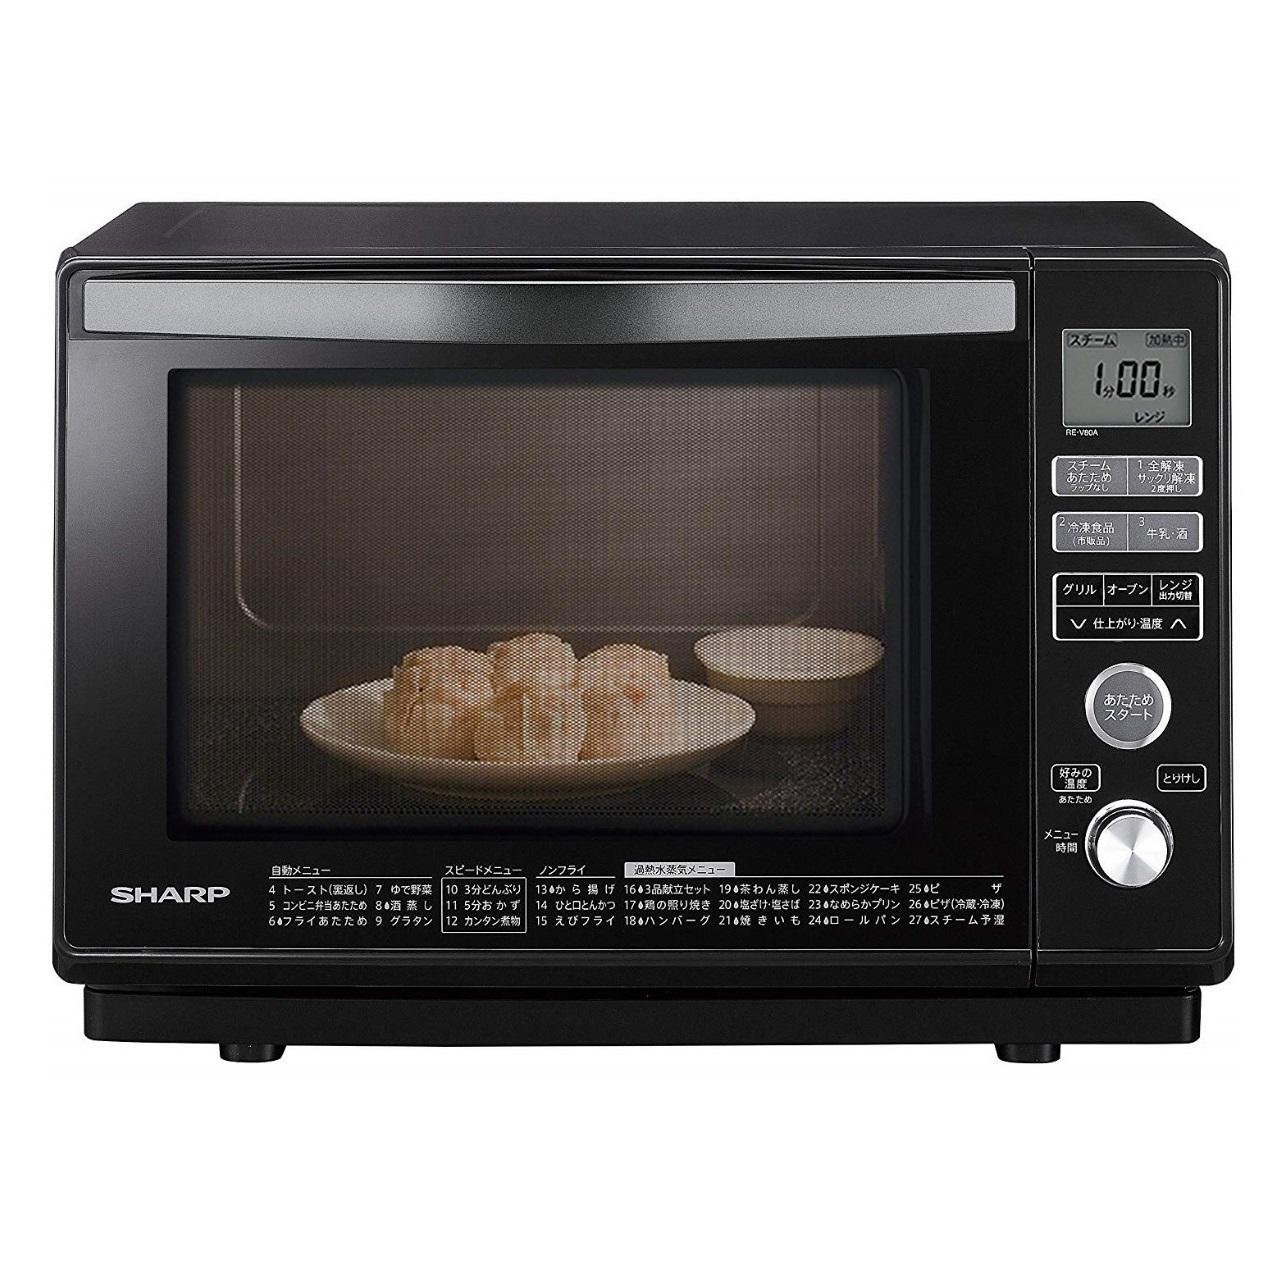 シャープRE-V80A過熱水蒸気オーブンレンジ